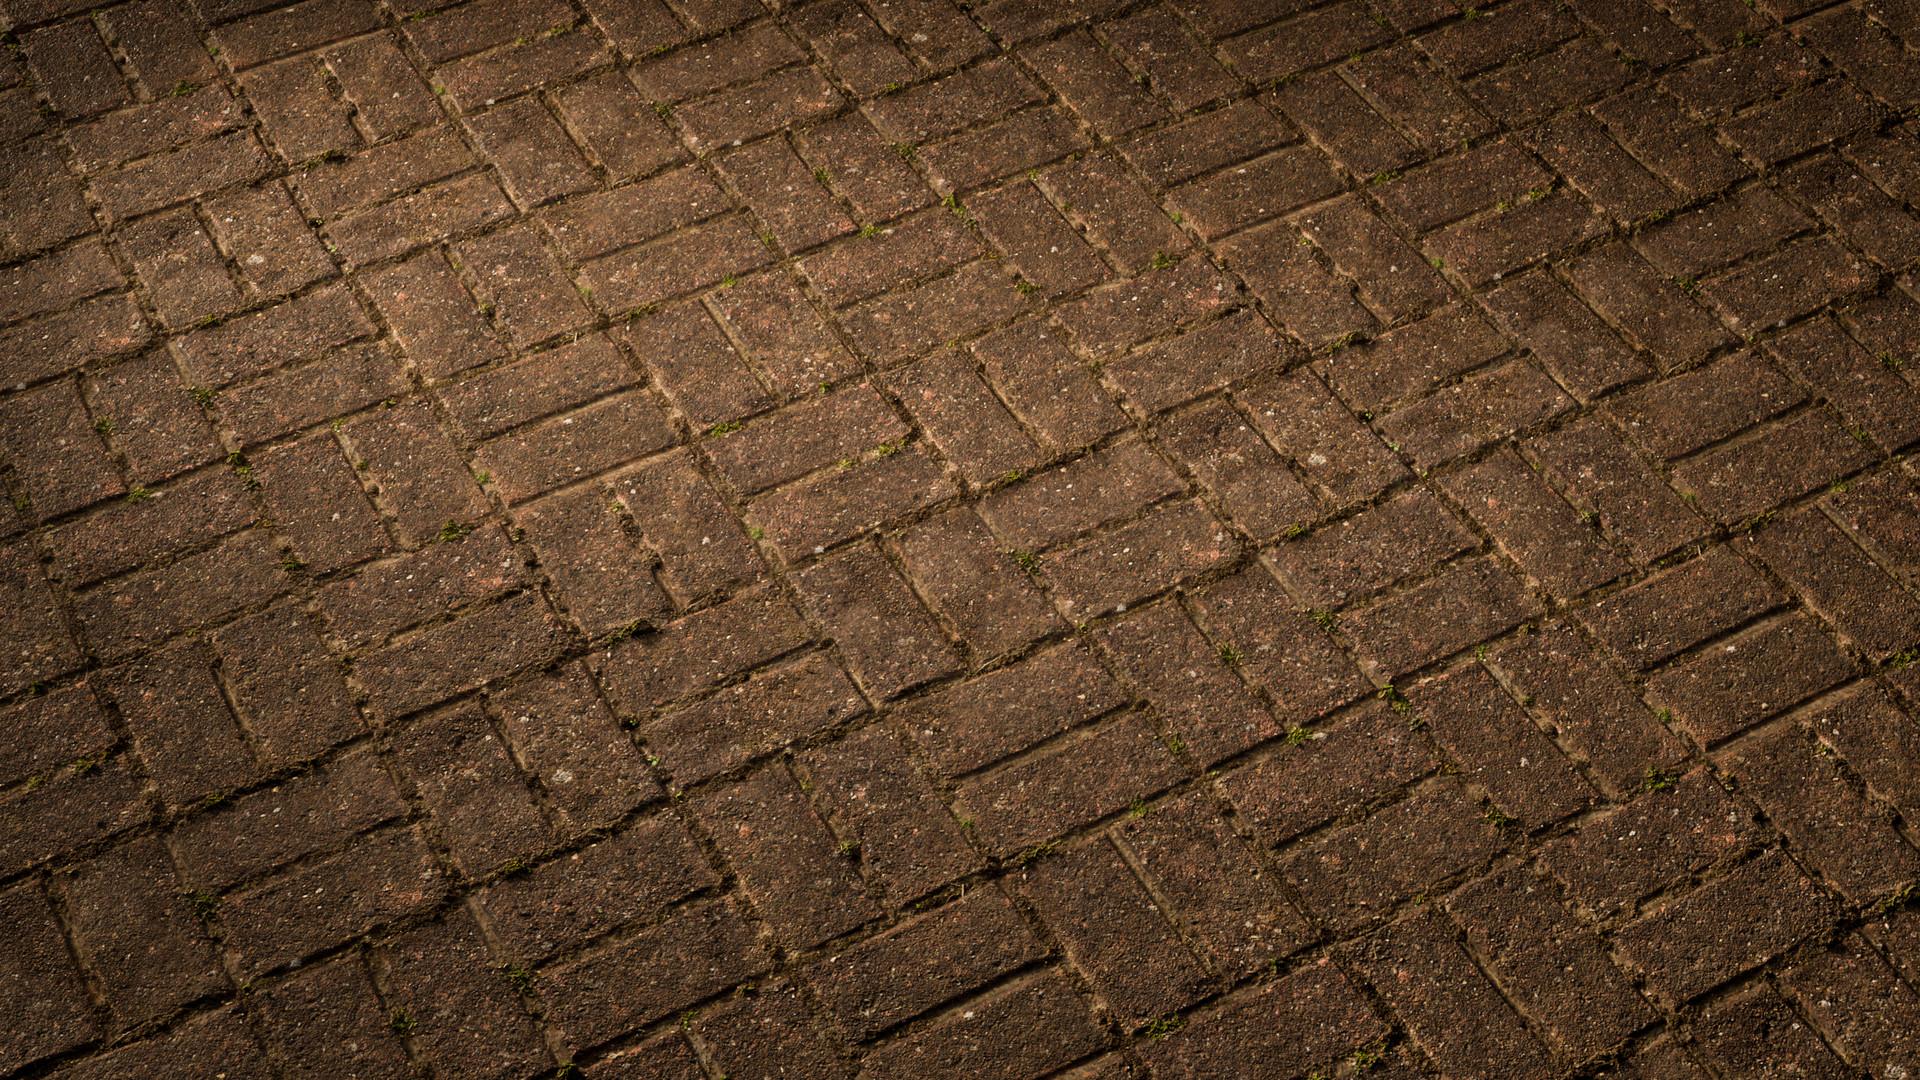 Shariq altaf pavestone tilingstill 01 1